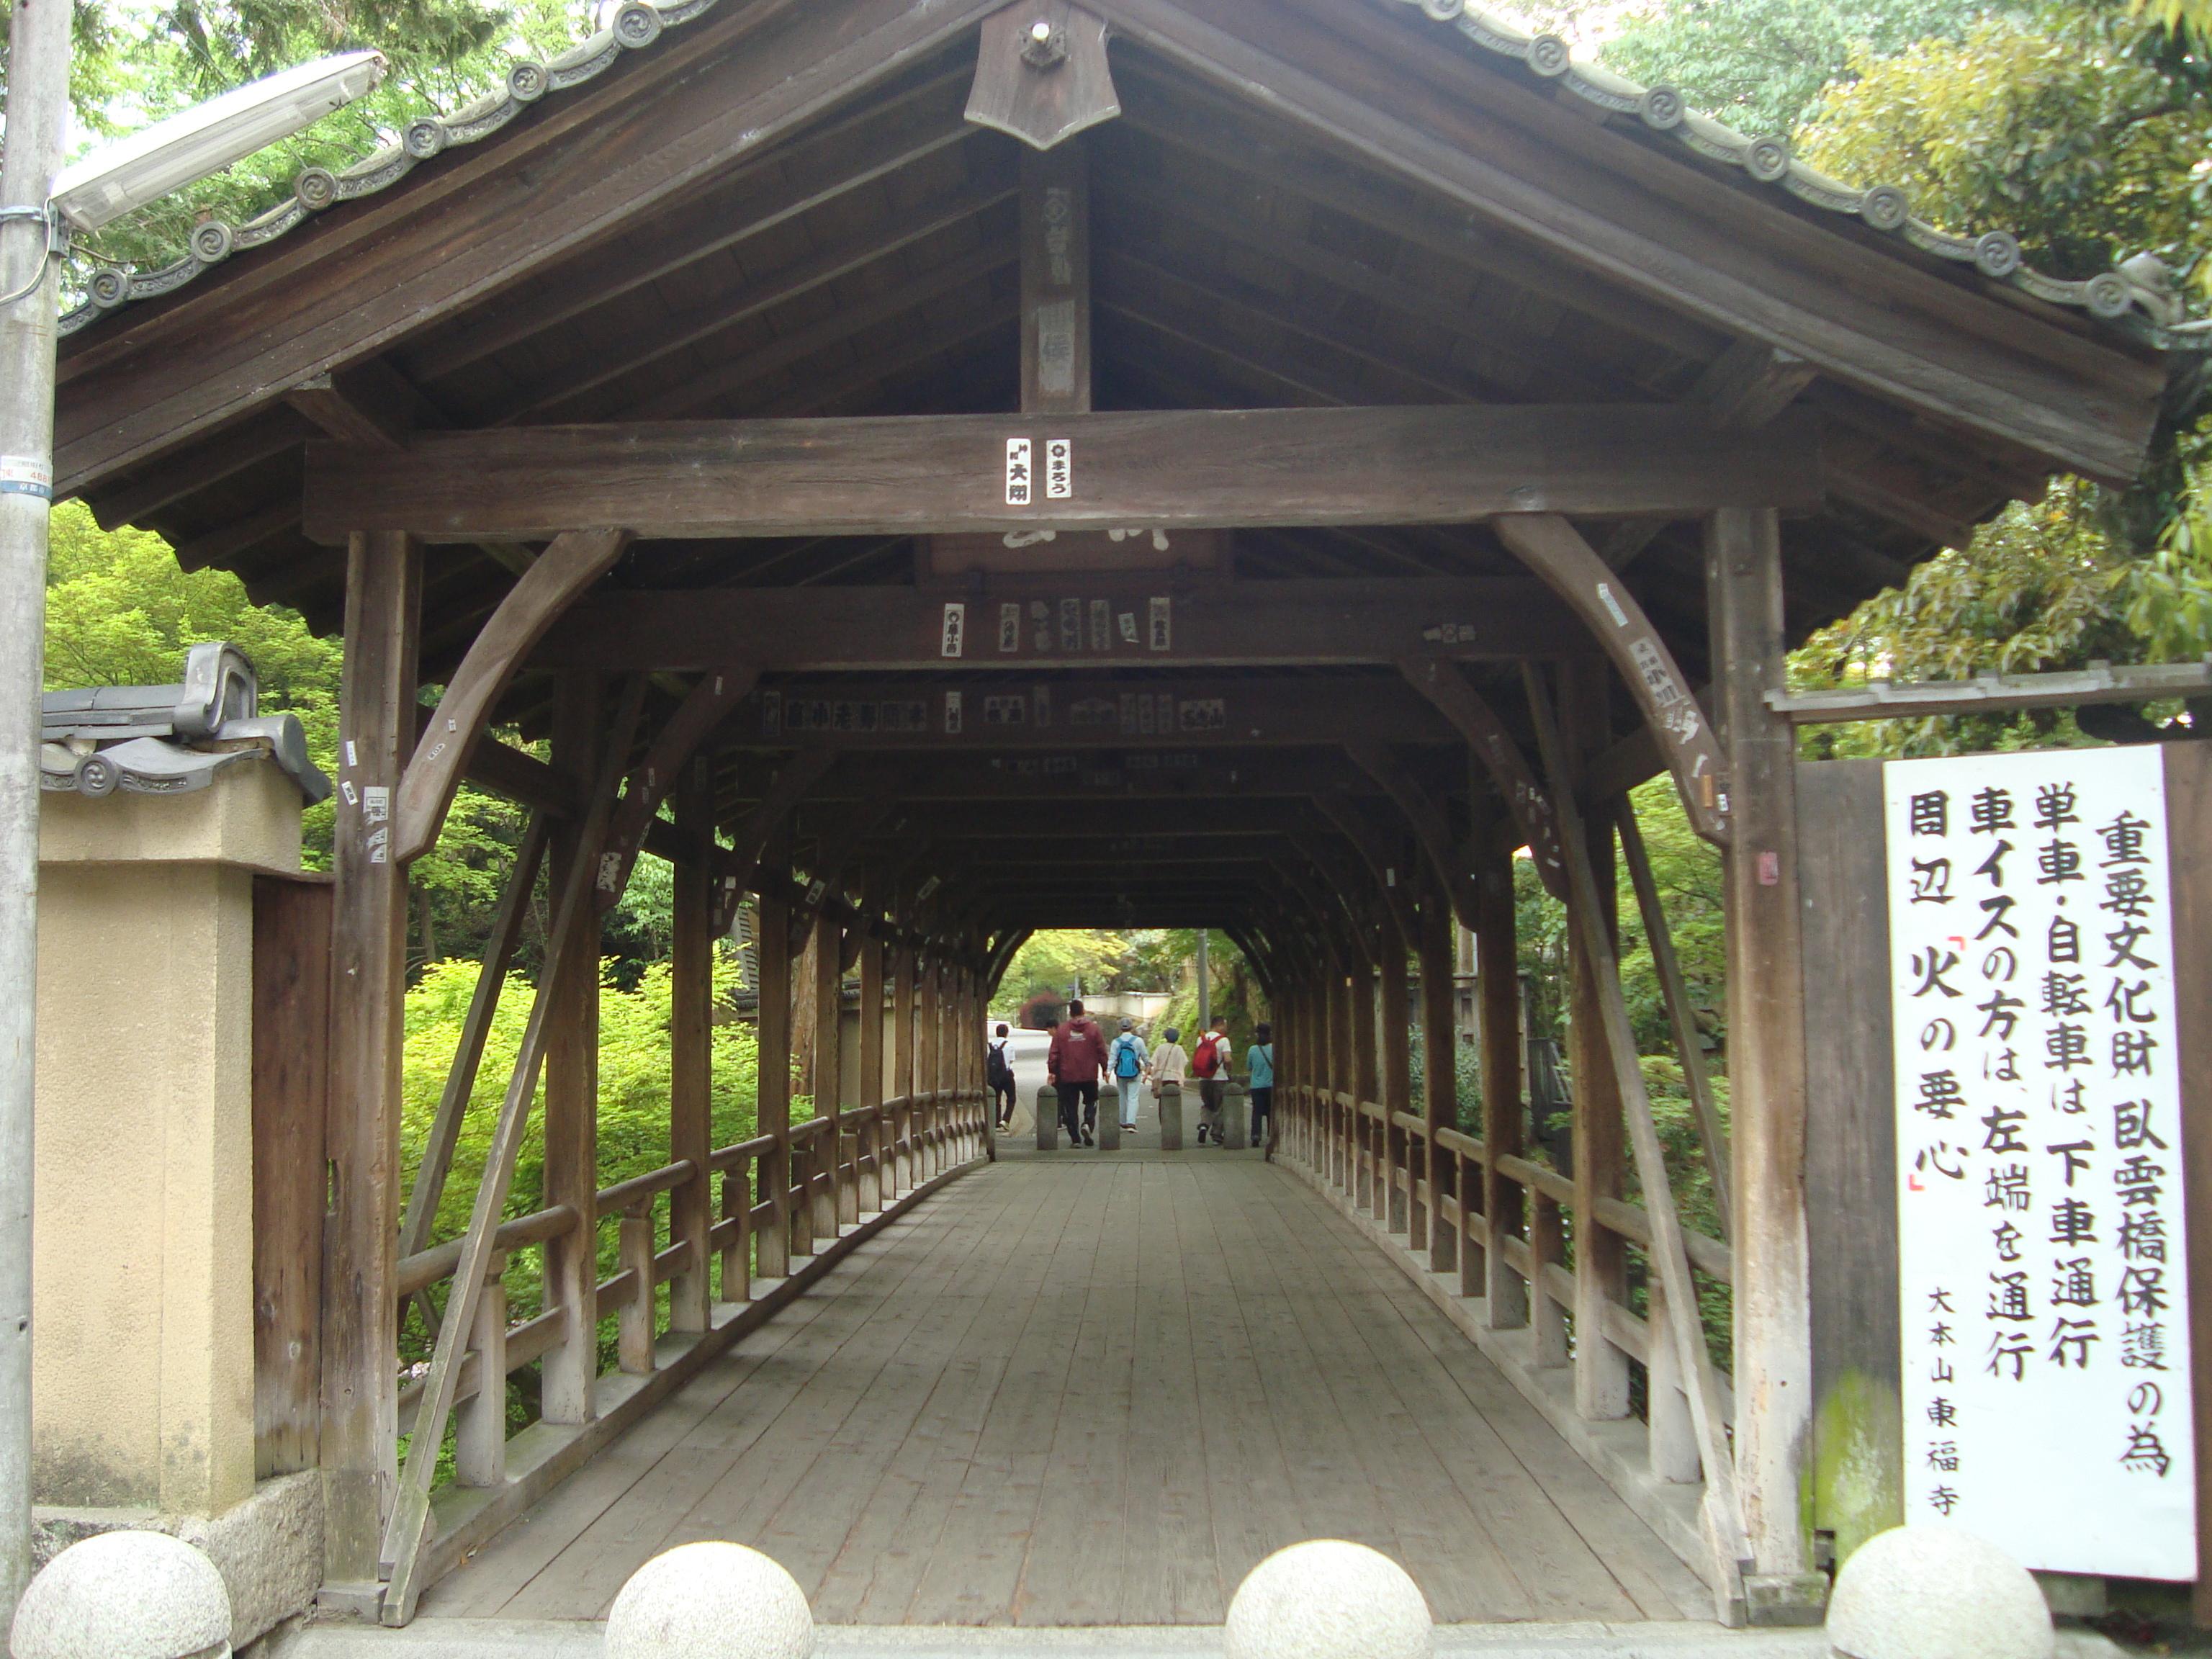 東福寺1臥雲橋.JPG